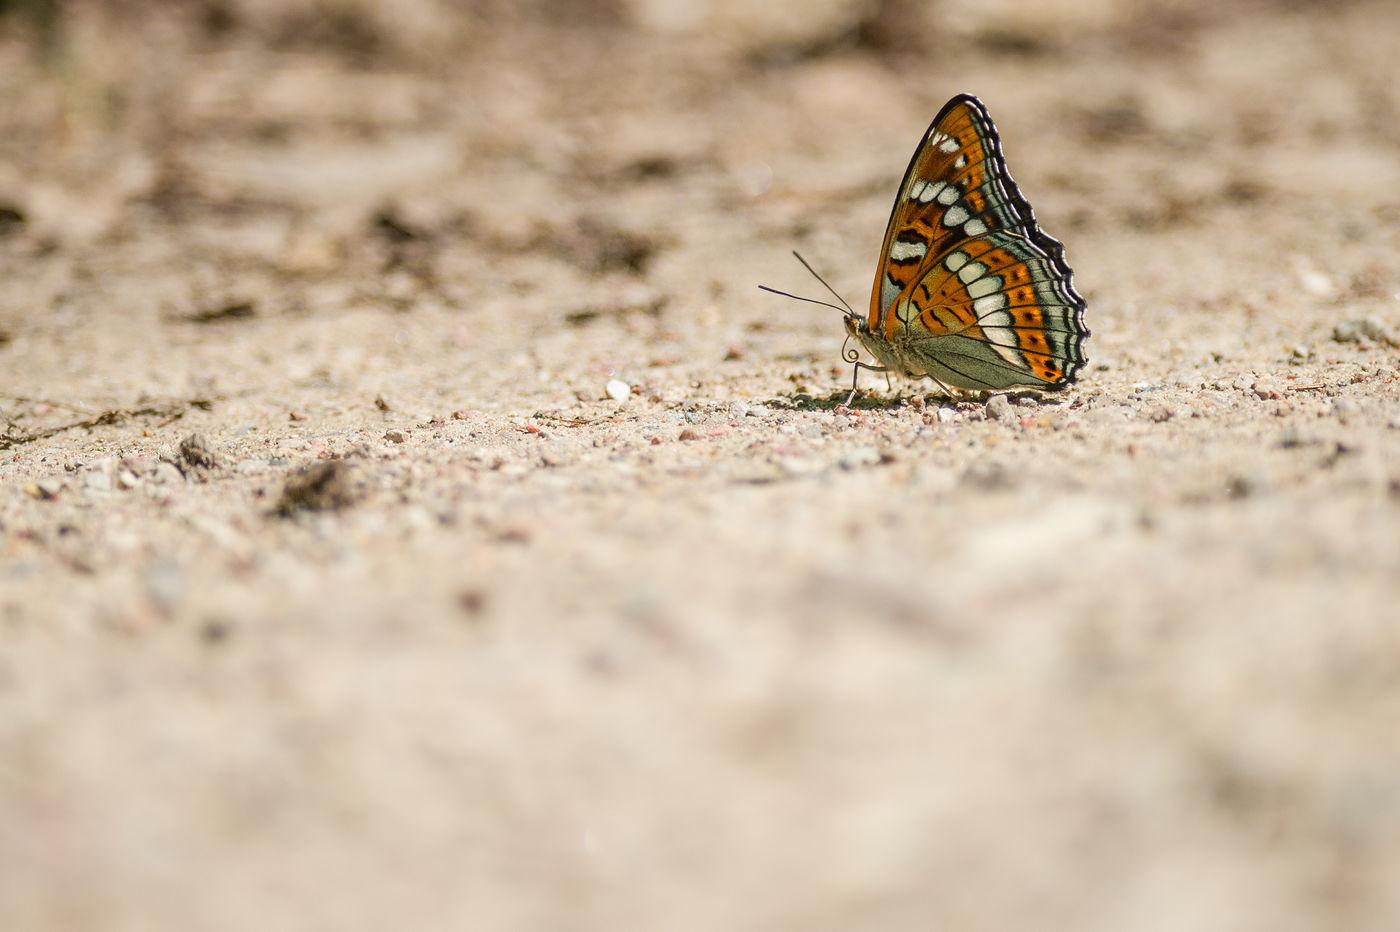 De grote ijsvogelvlinder is een prachtige soort die slechts 8 tot 12 dagen op het jaar vliegt. Je moet er dus snel bij zijn. © Billy Herman